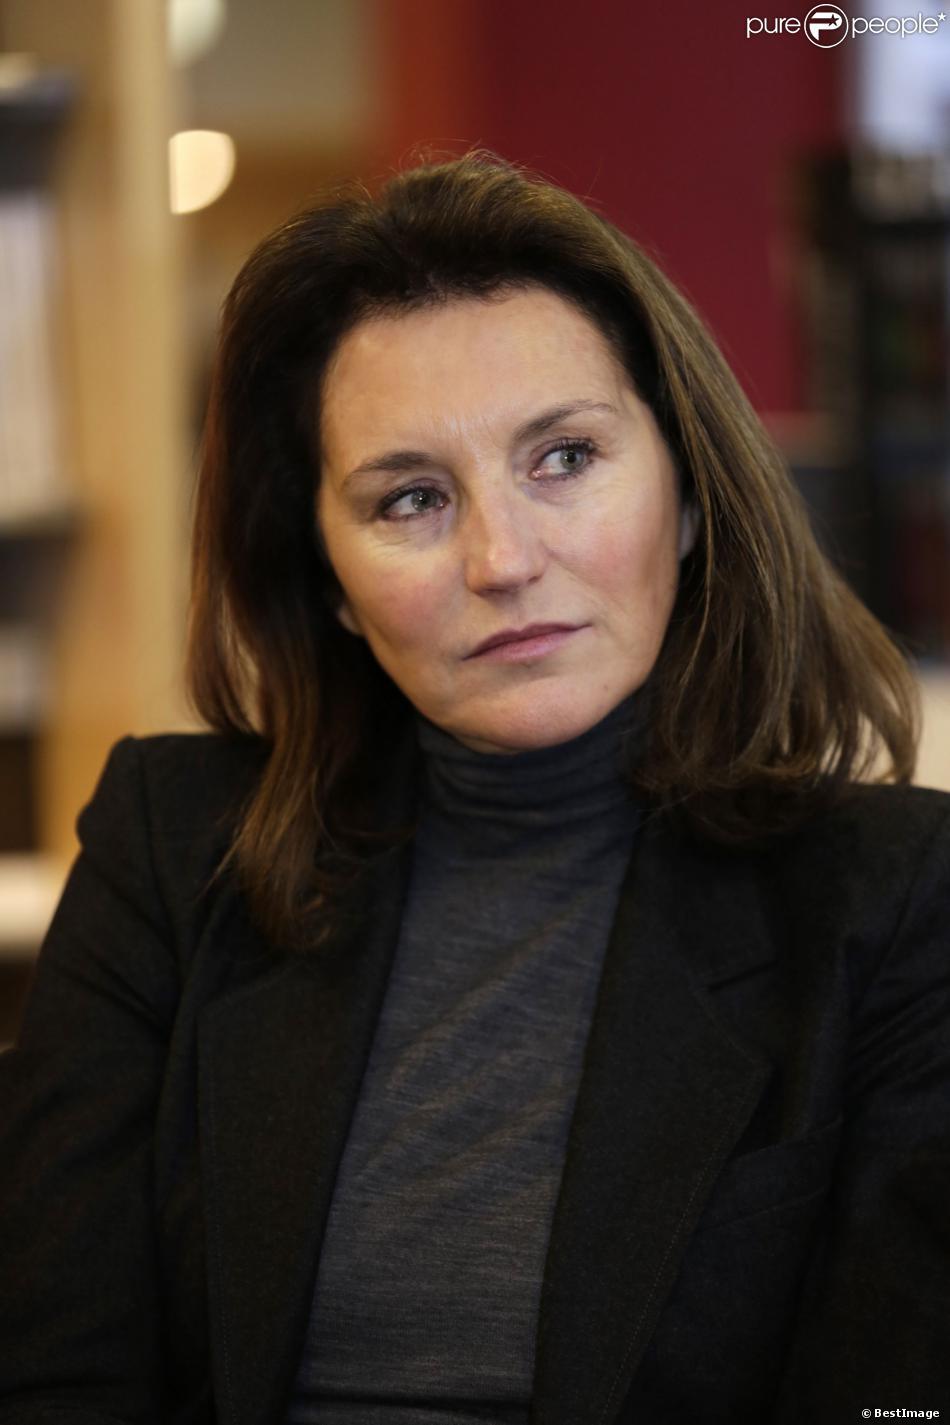 Cécilia Attias présente son livre Une Envie de Vérité lors d'une séance de dédicaces à la librairie Filigrannes, à Bruxelles, en Belgique, le 6 décembre 2013.